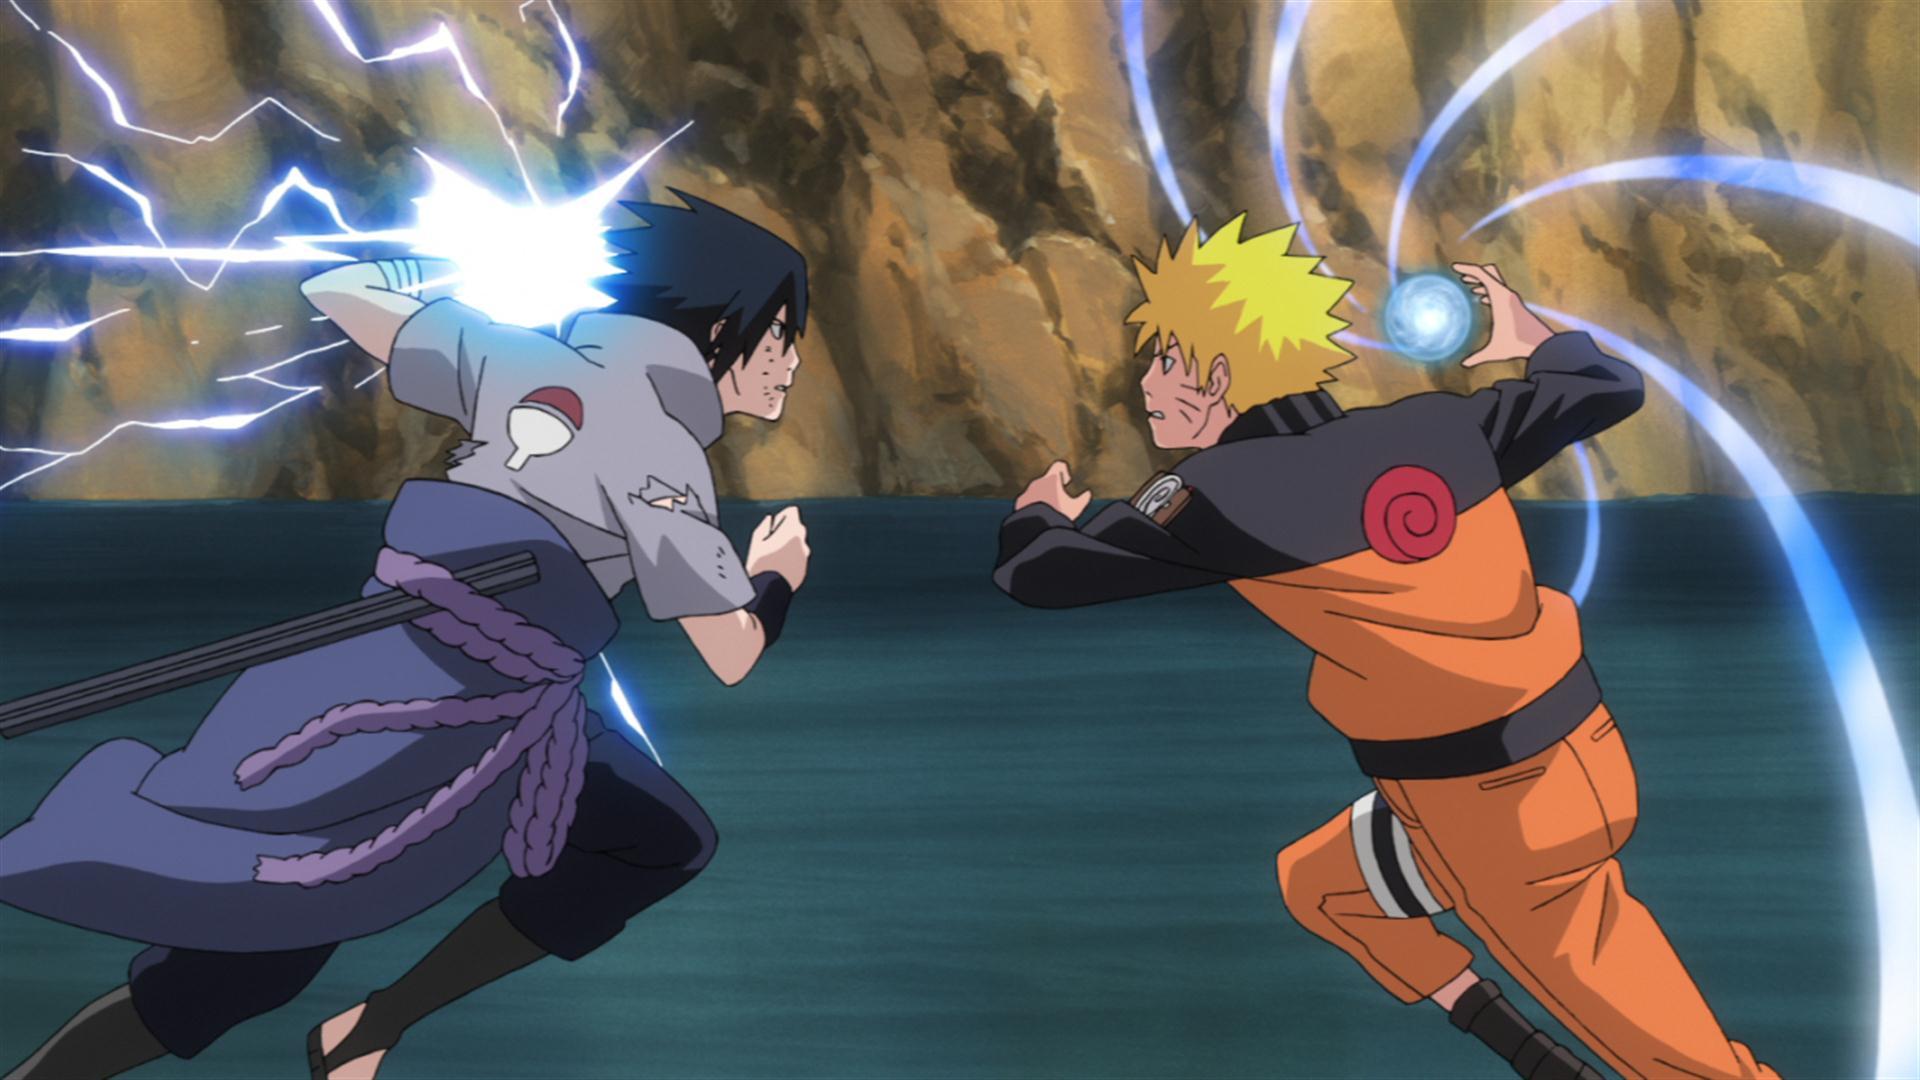 10 Pertarungan Terbaik di Anime Naruto Sepanjang Masa 11